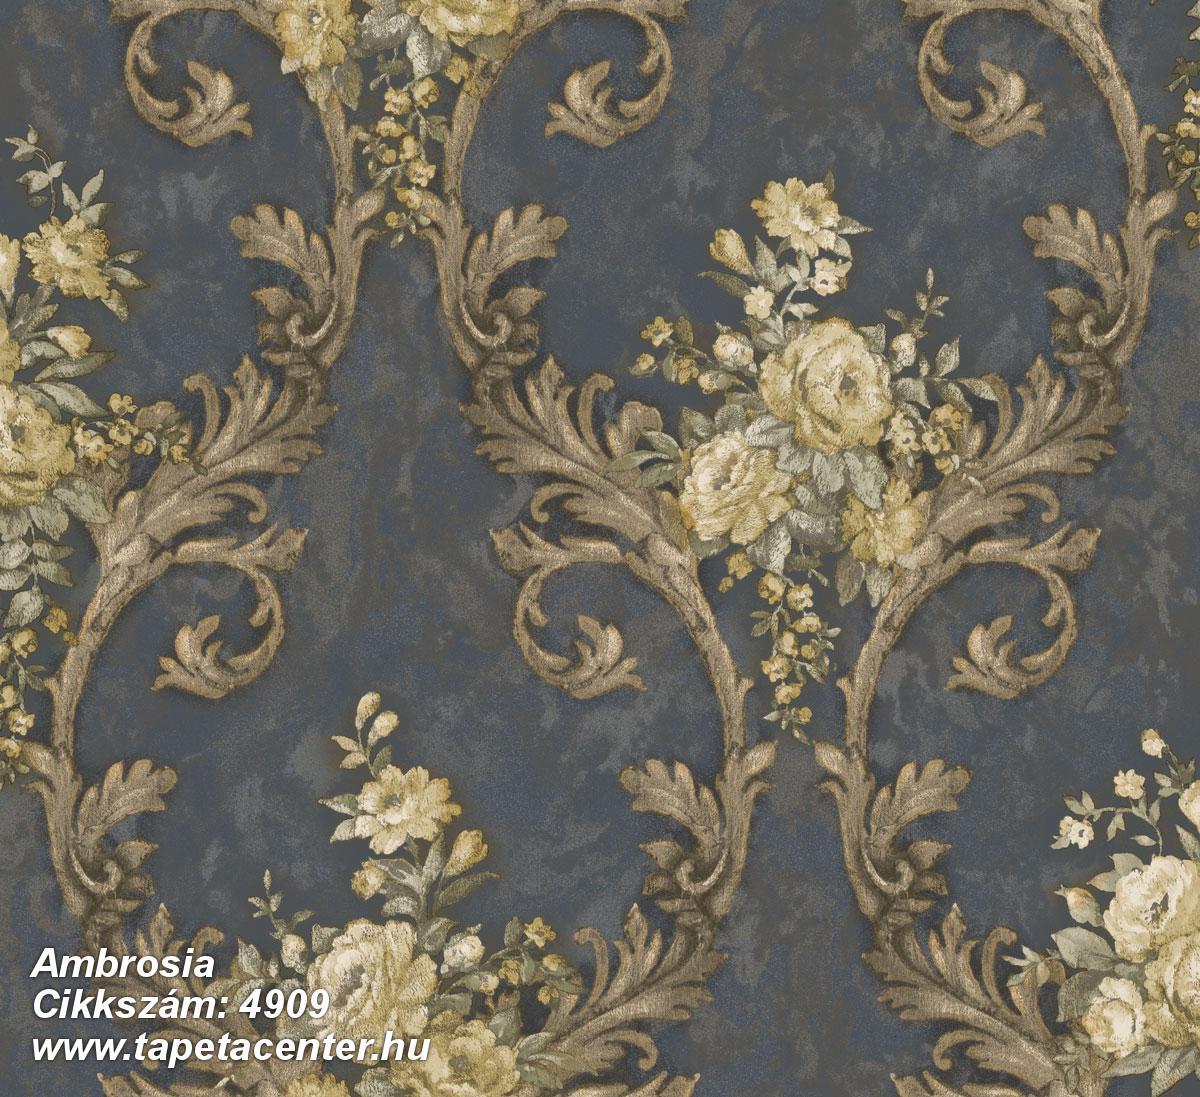 Barokk-klasszikus,természeti mintás,textil hatású,virágmintás,arany,bézs-drapp,szürke,vajszín,súrolható,vlies tapéta